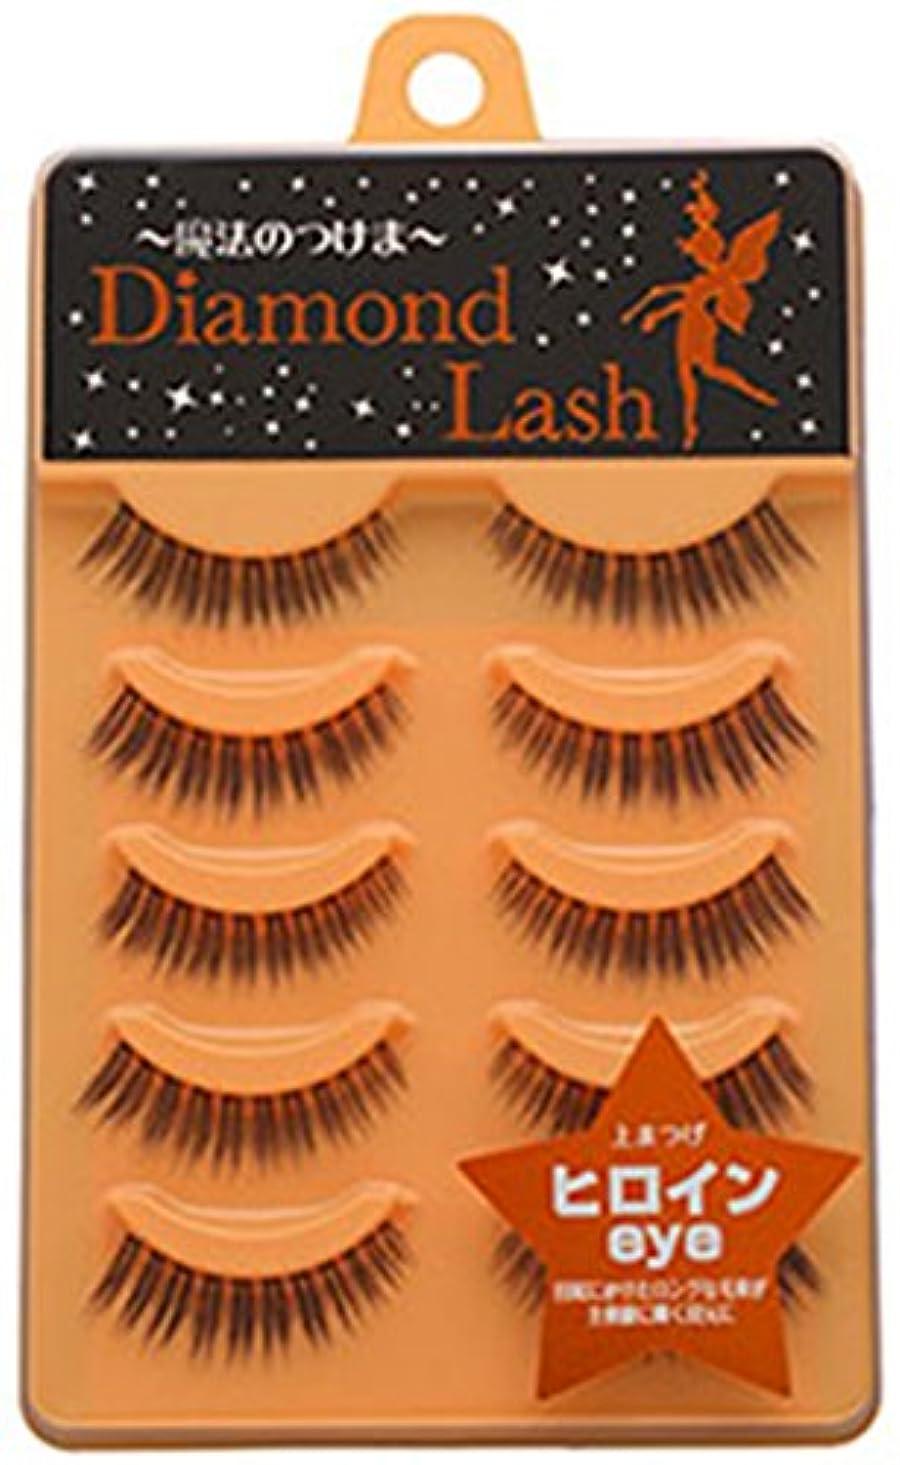 荒涼としたかび臭い有名ダイヤモンドラッシュ ヒロインeye 上まつげ用 DL54597